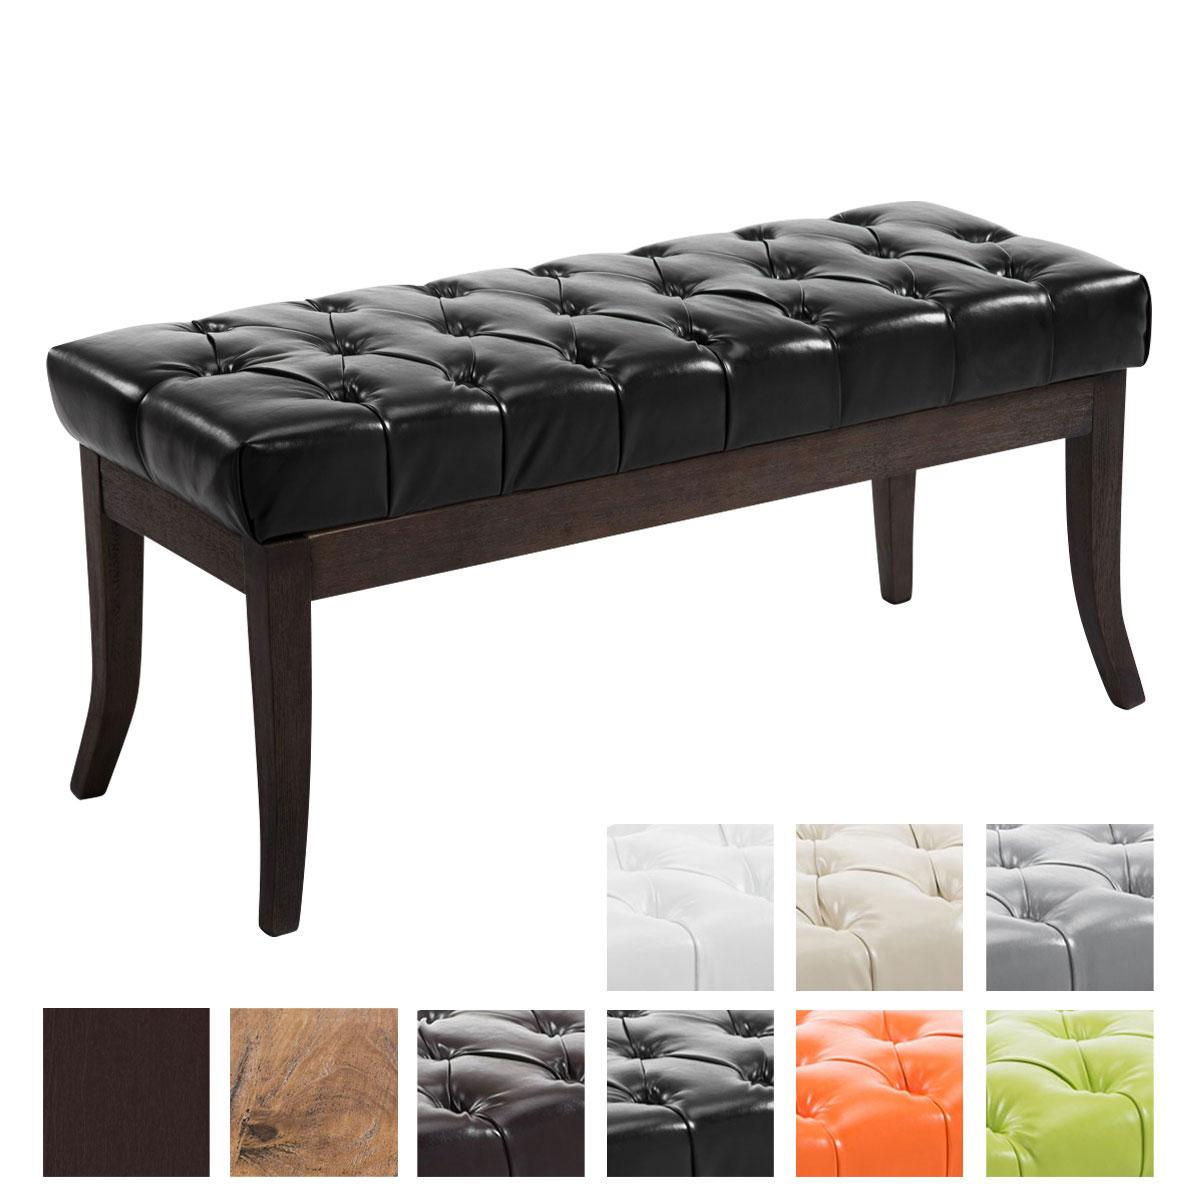 sitzbank ramses kunstleder antik dunkel polsterbank sitzhocker holz wartebank ebay. Black Bedroom Furniture Sets. Home Design Ideas